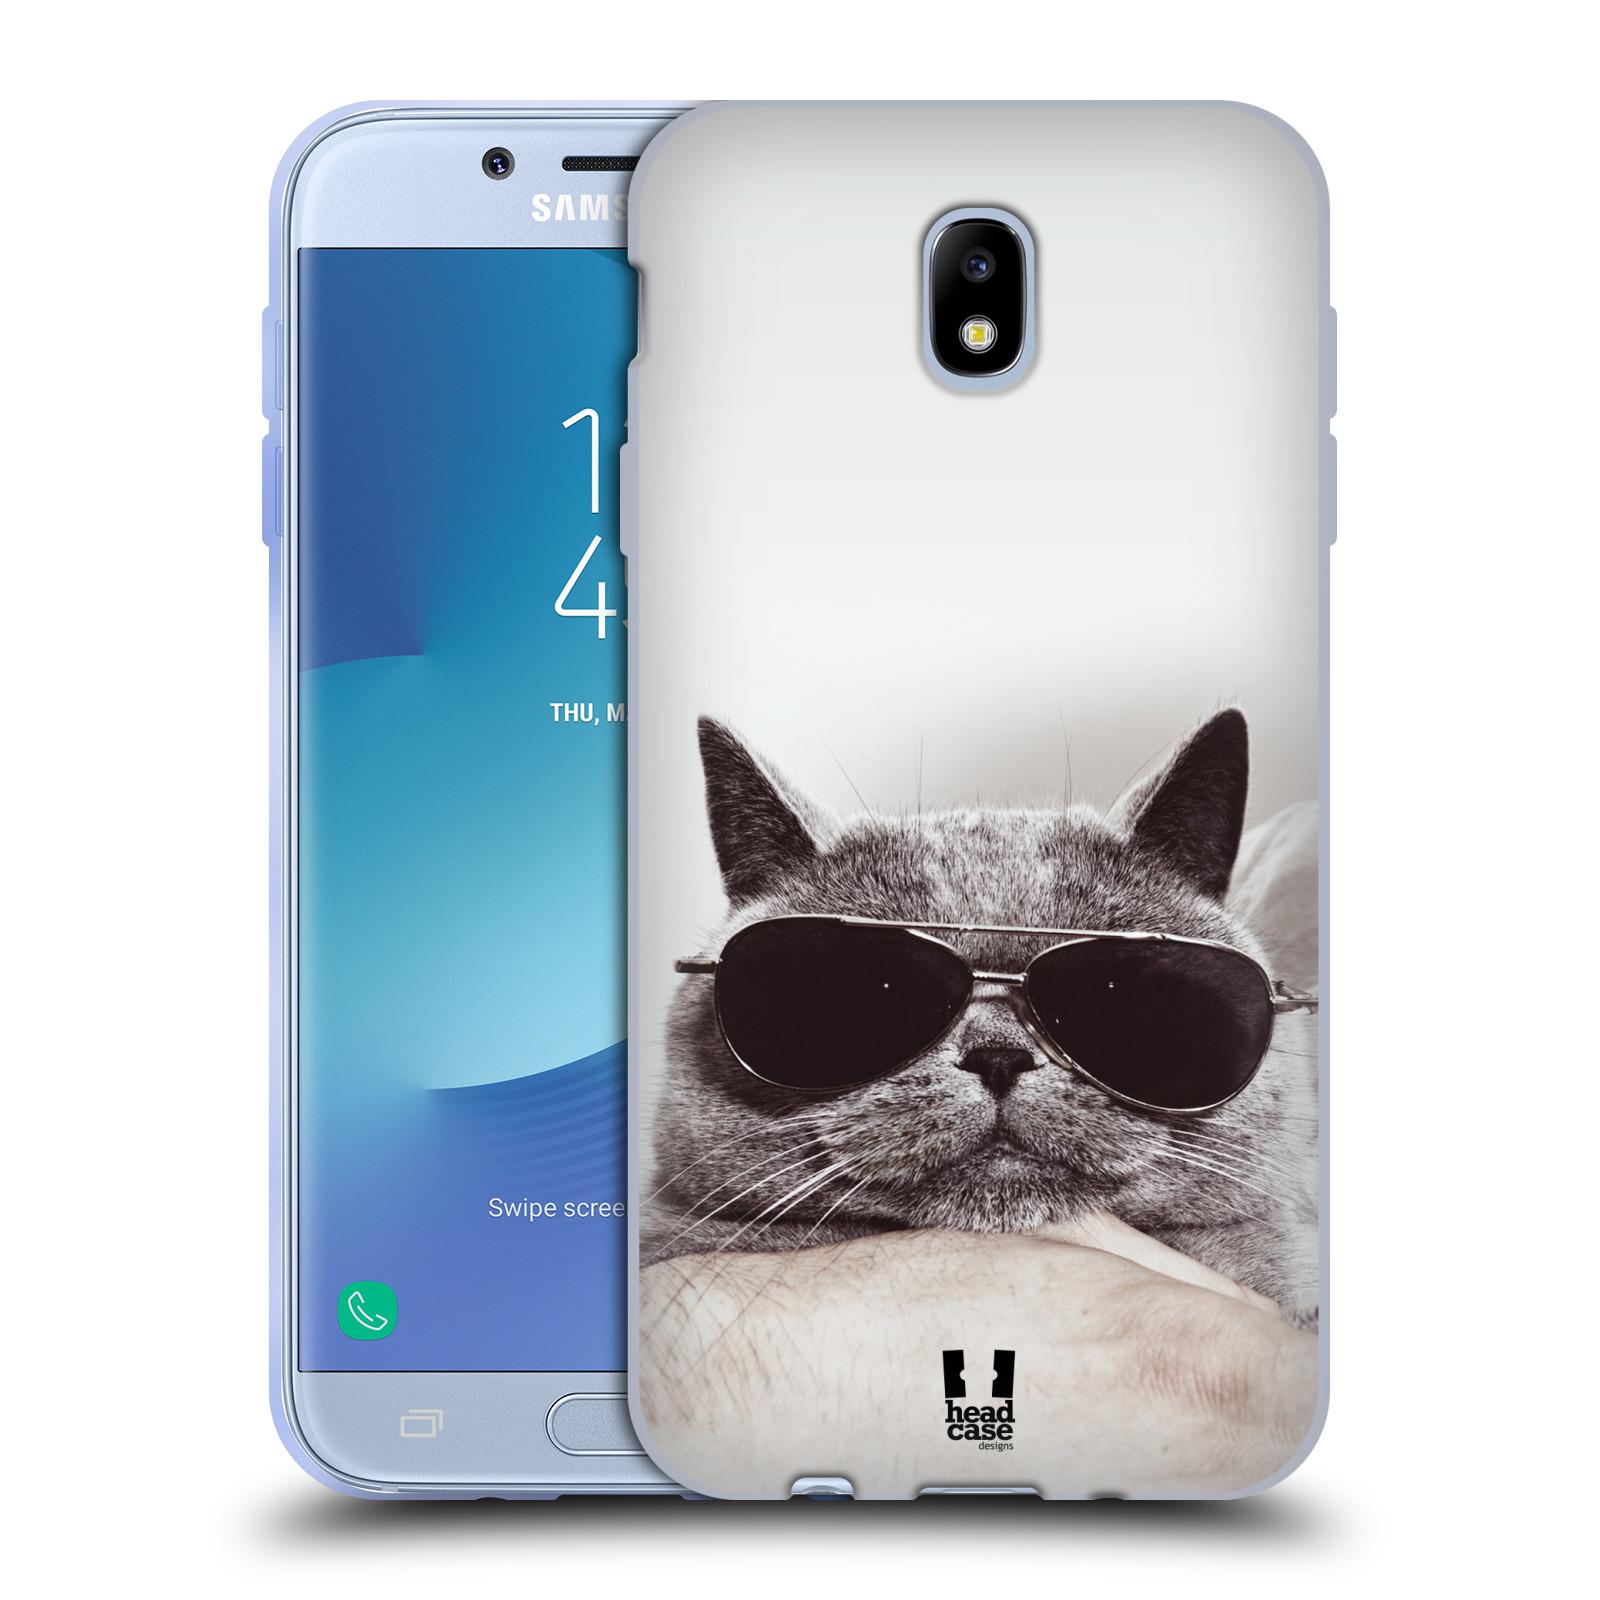 Silikonové pouzdro na mobil Samsung Galaxy J7 (2017) - Head Case - KOTĚ S BRÝLEMI (Silikonový kryt či obal na mobilní telefon Samsung Galaxy J7 2017 SM-J730F/DS s motivem KOTĚ S BRÝLEMI)